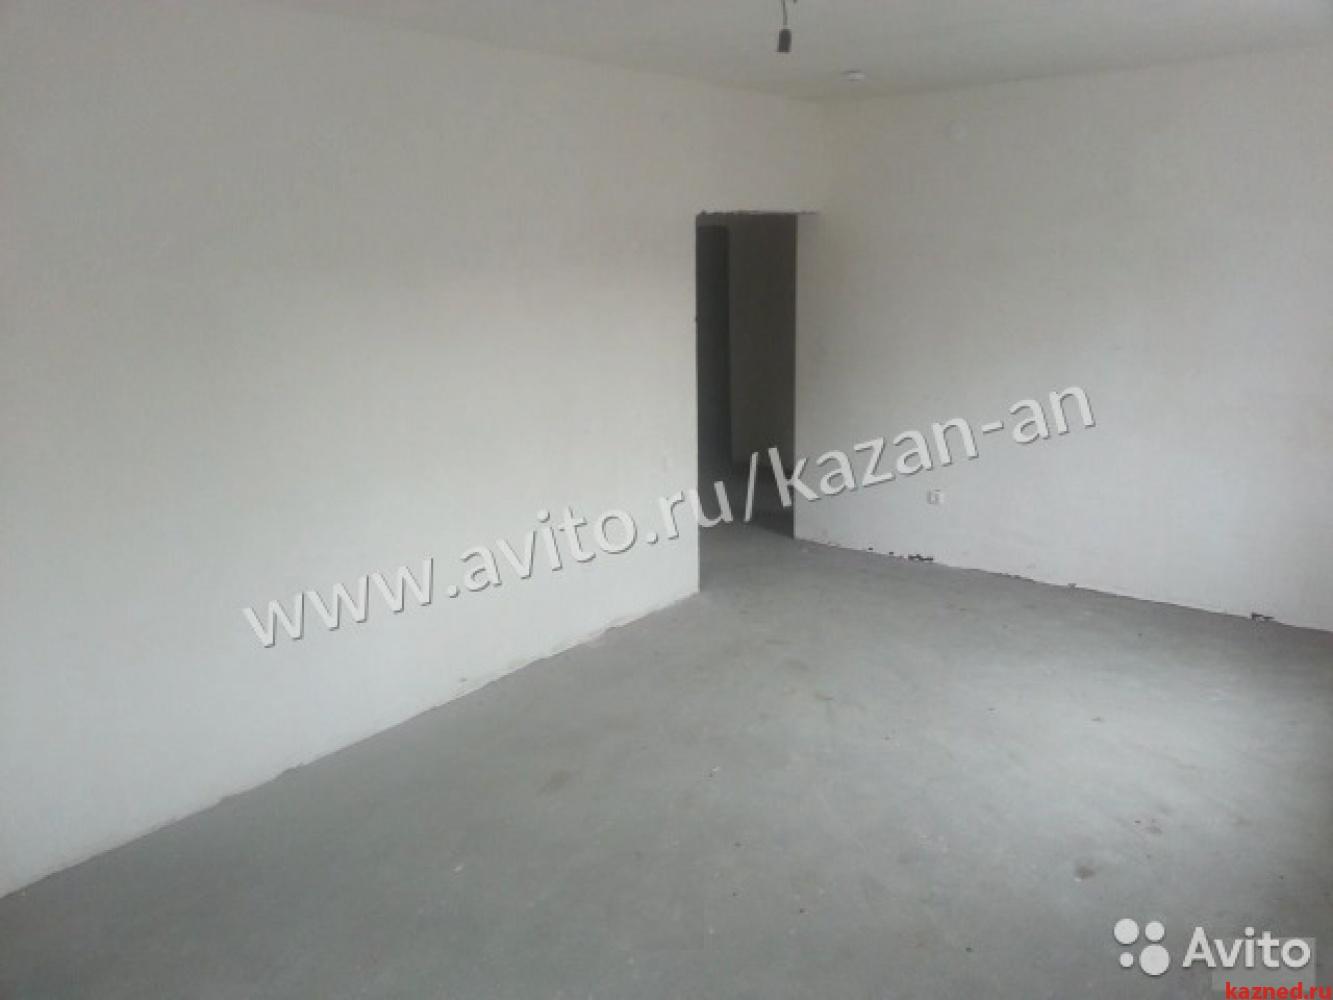 Продажа 2-к квартиры Комсомольская, д. 26, 74 м2  (миниатюра №5)